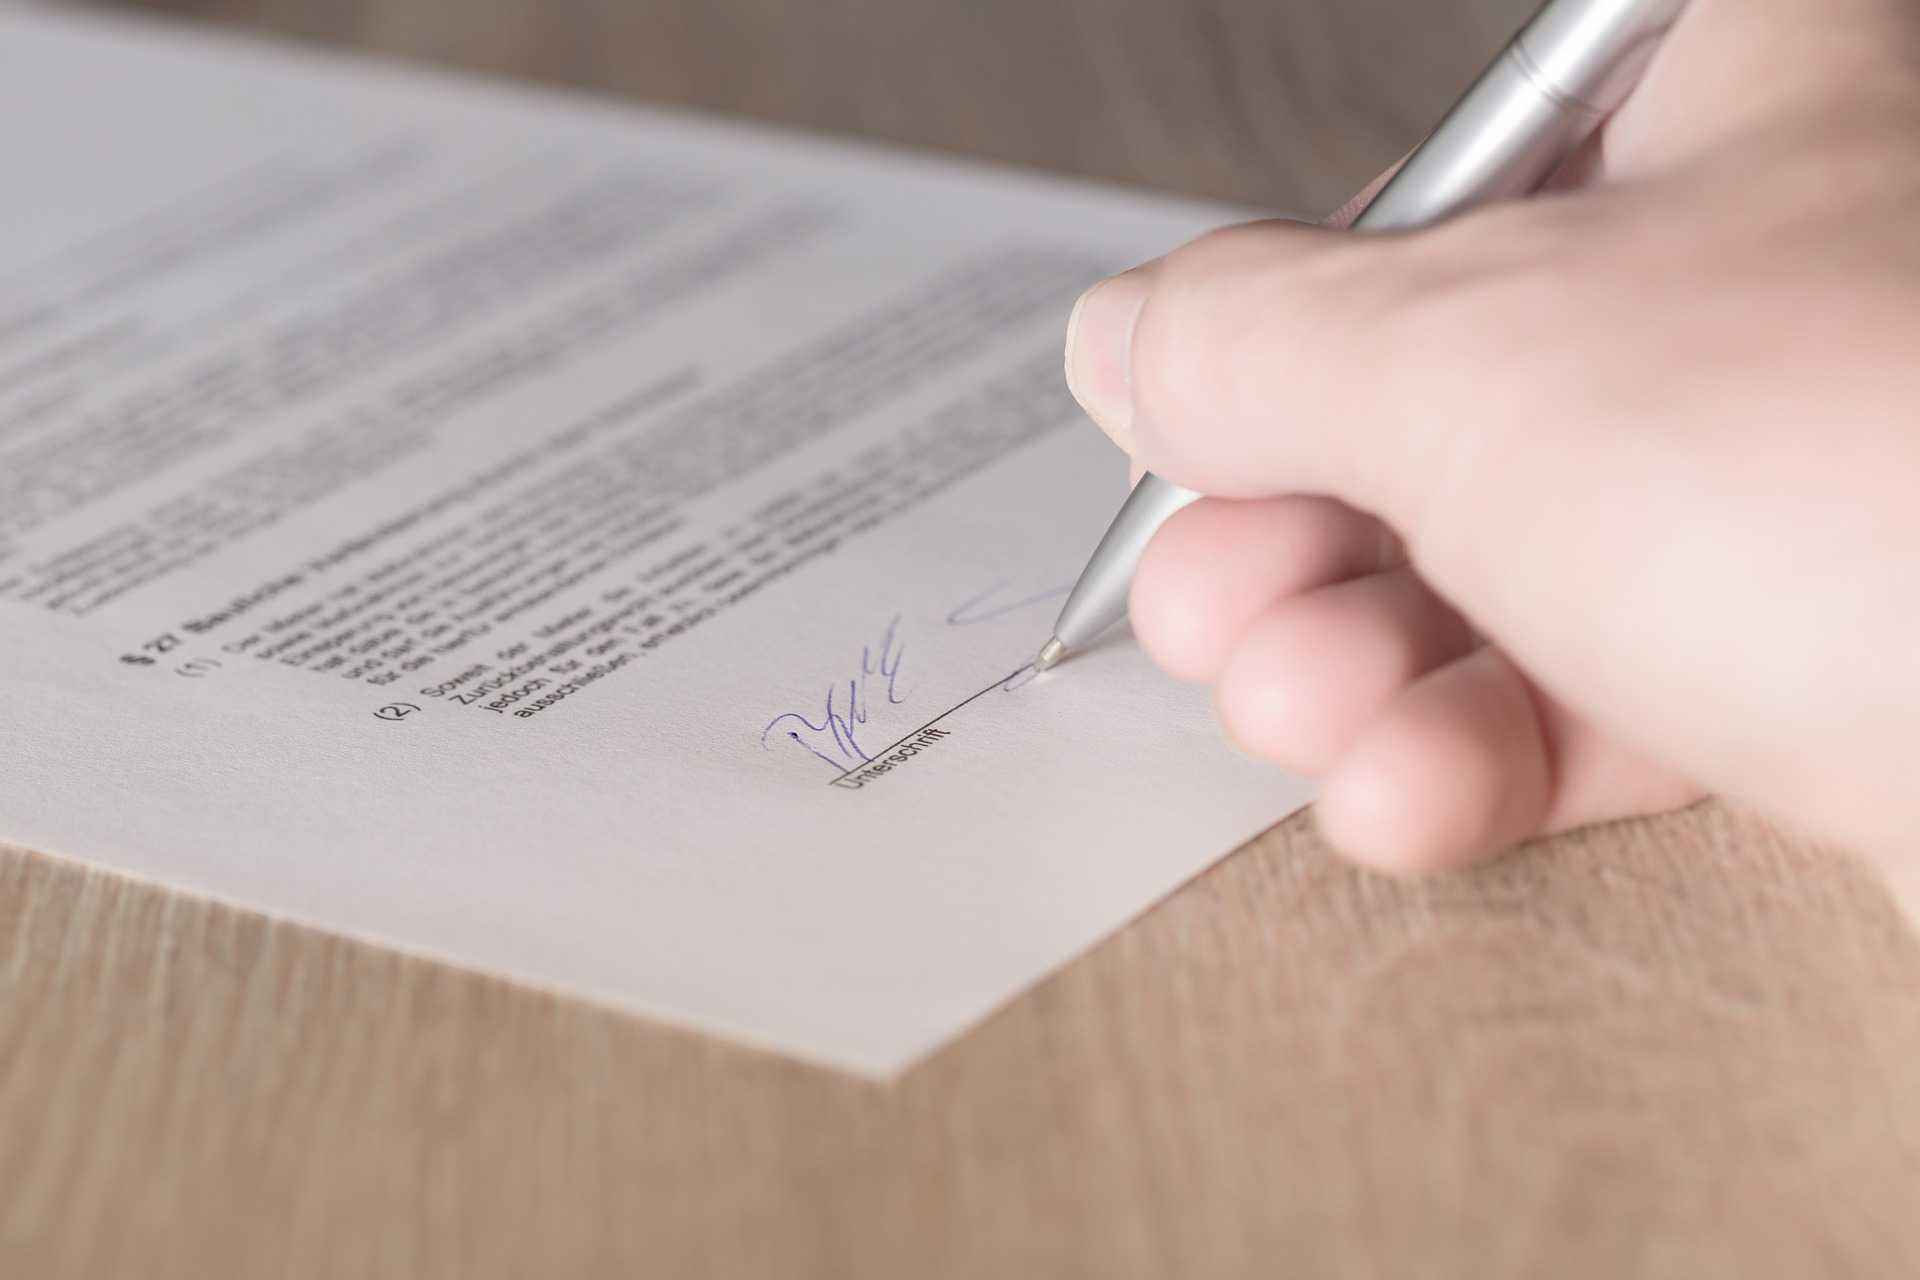 Les éléments à ne pas mentionner dans le contrat de location